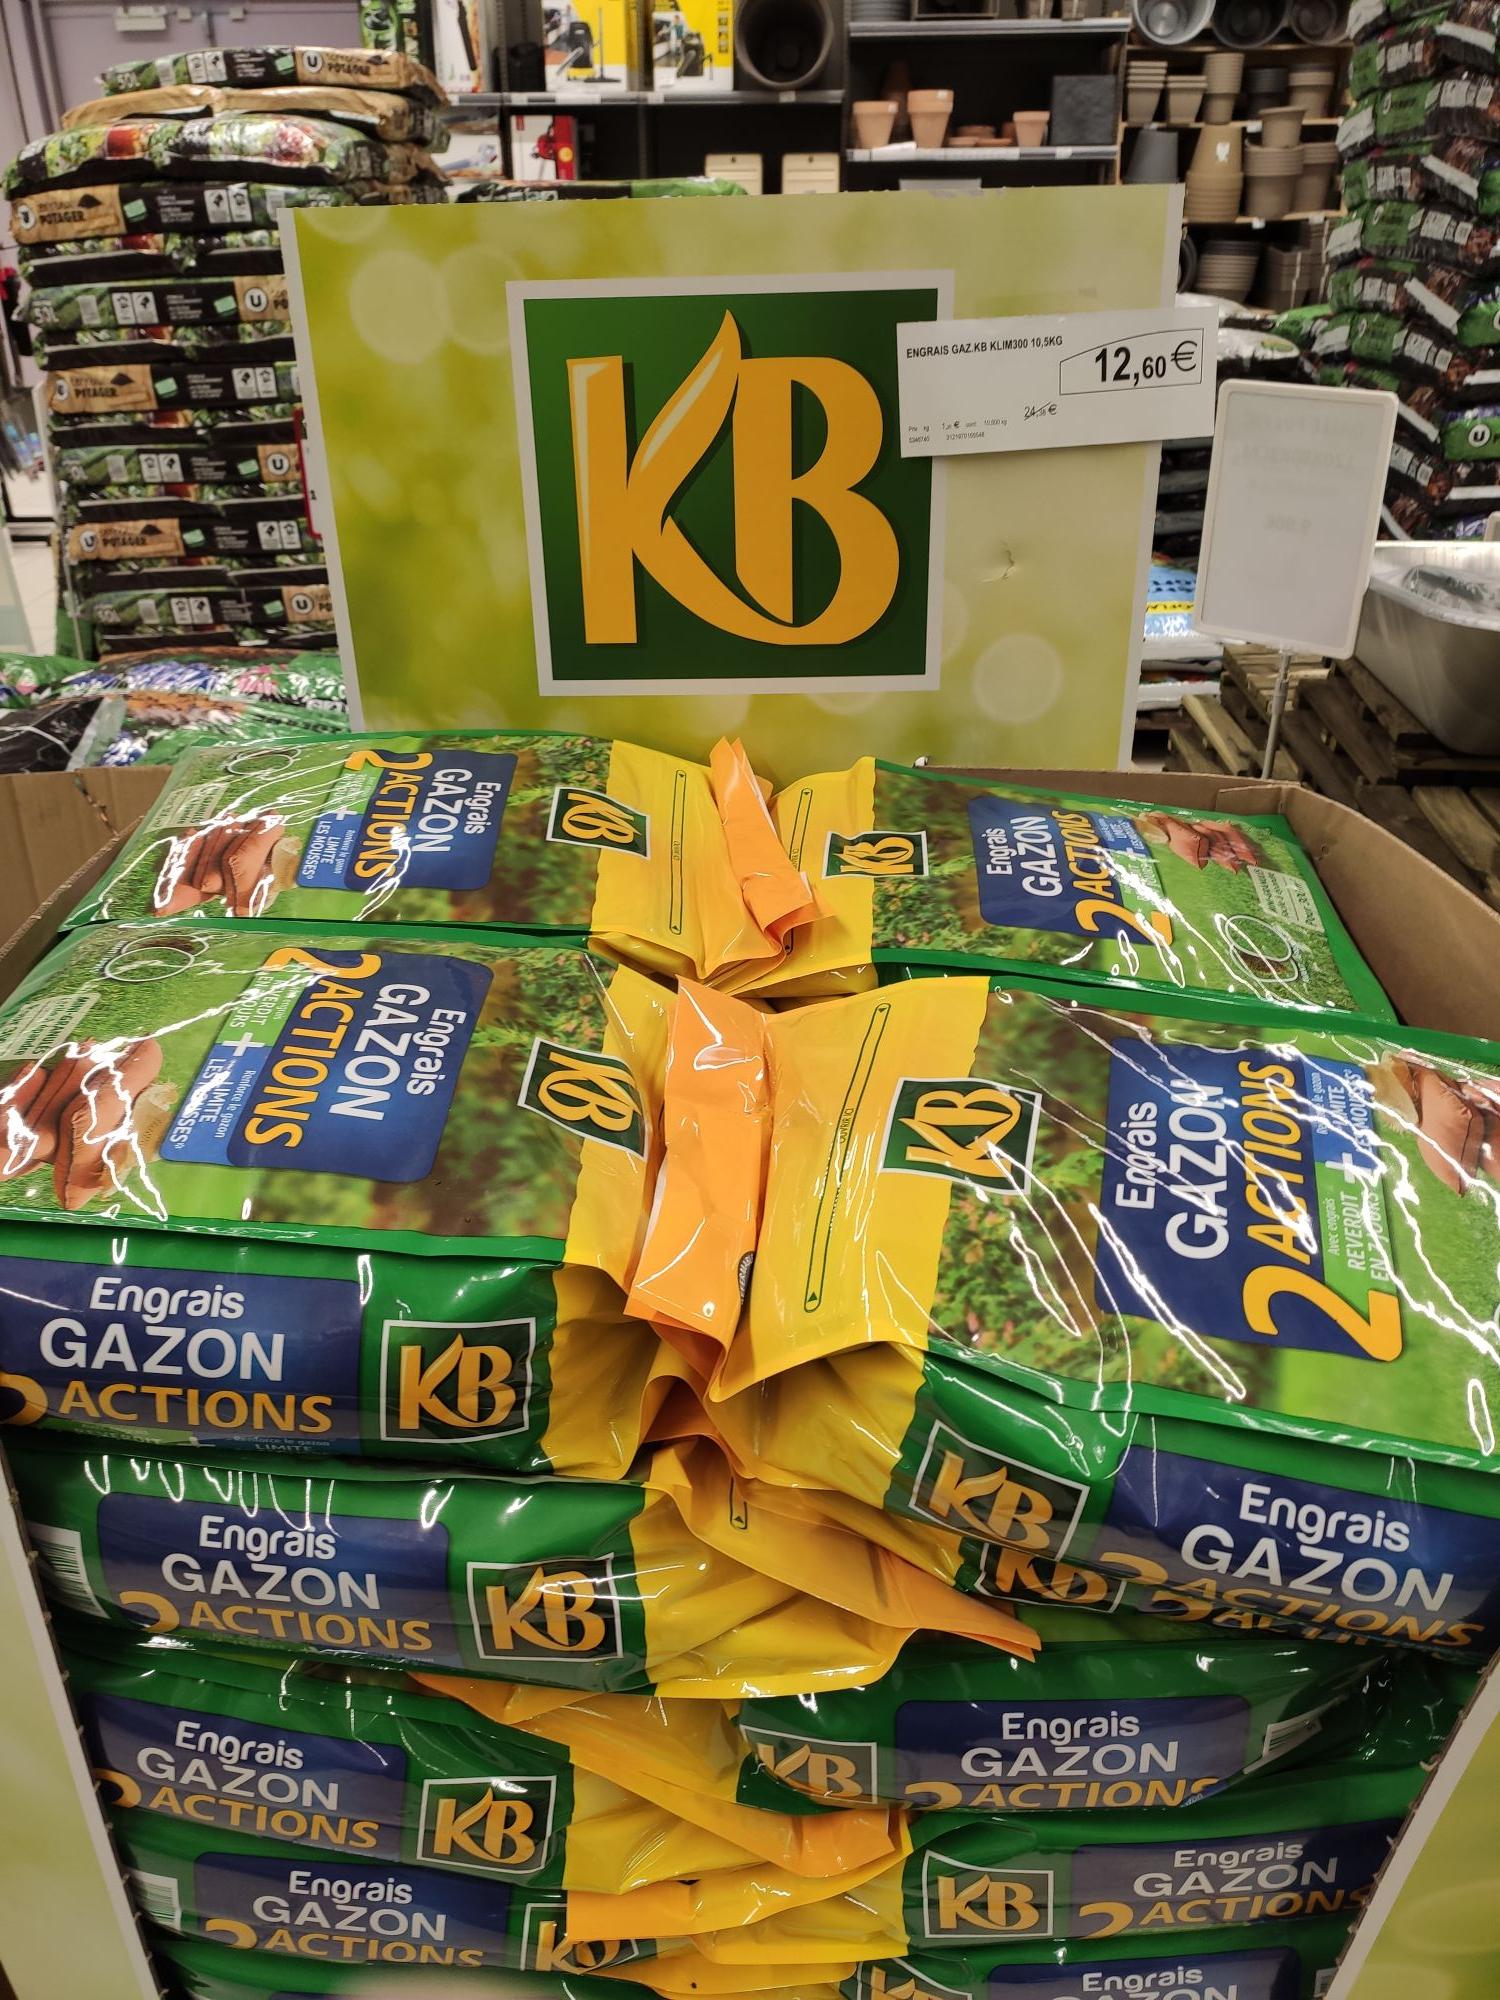 Sac d'engrais gazon KB 2 Actions (10 kg) - Briey (54)